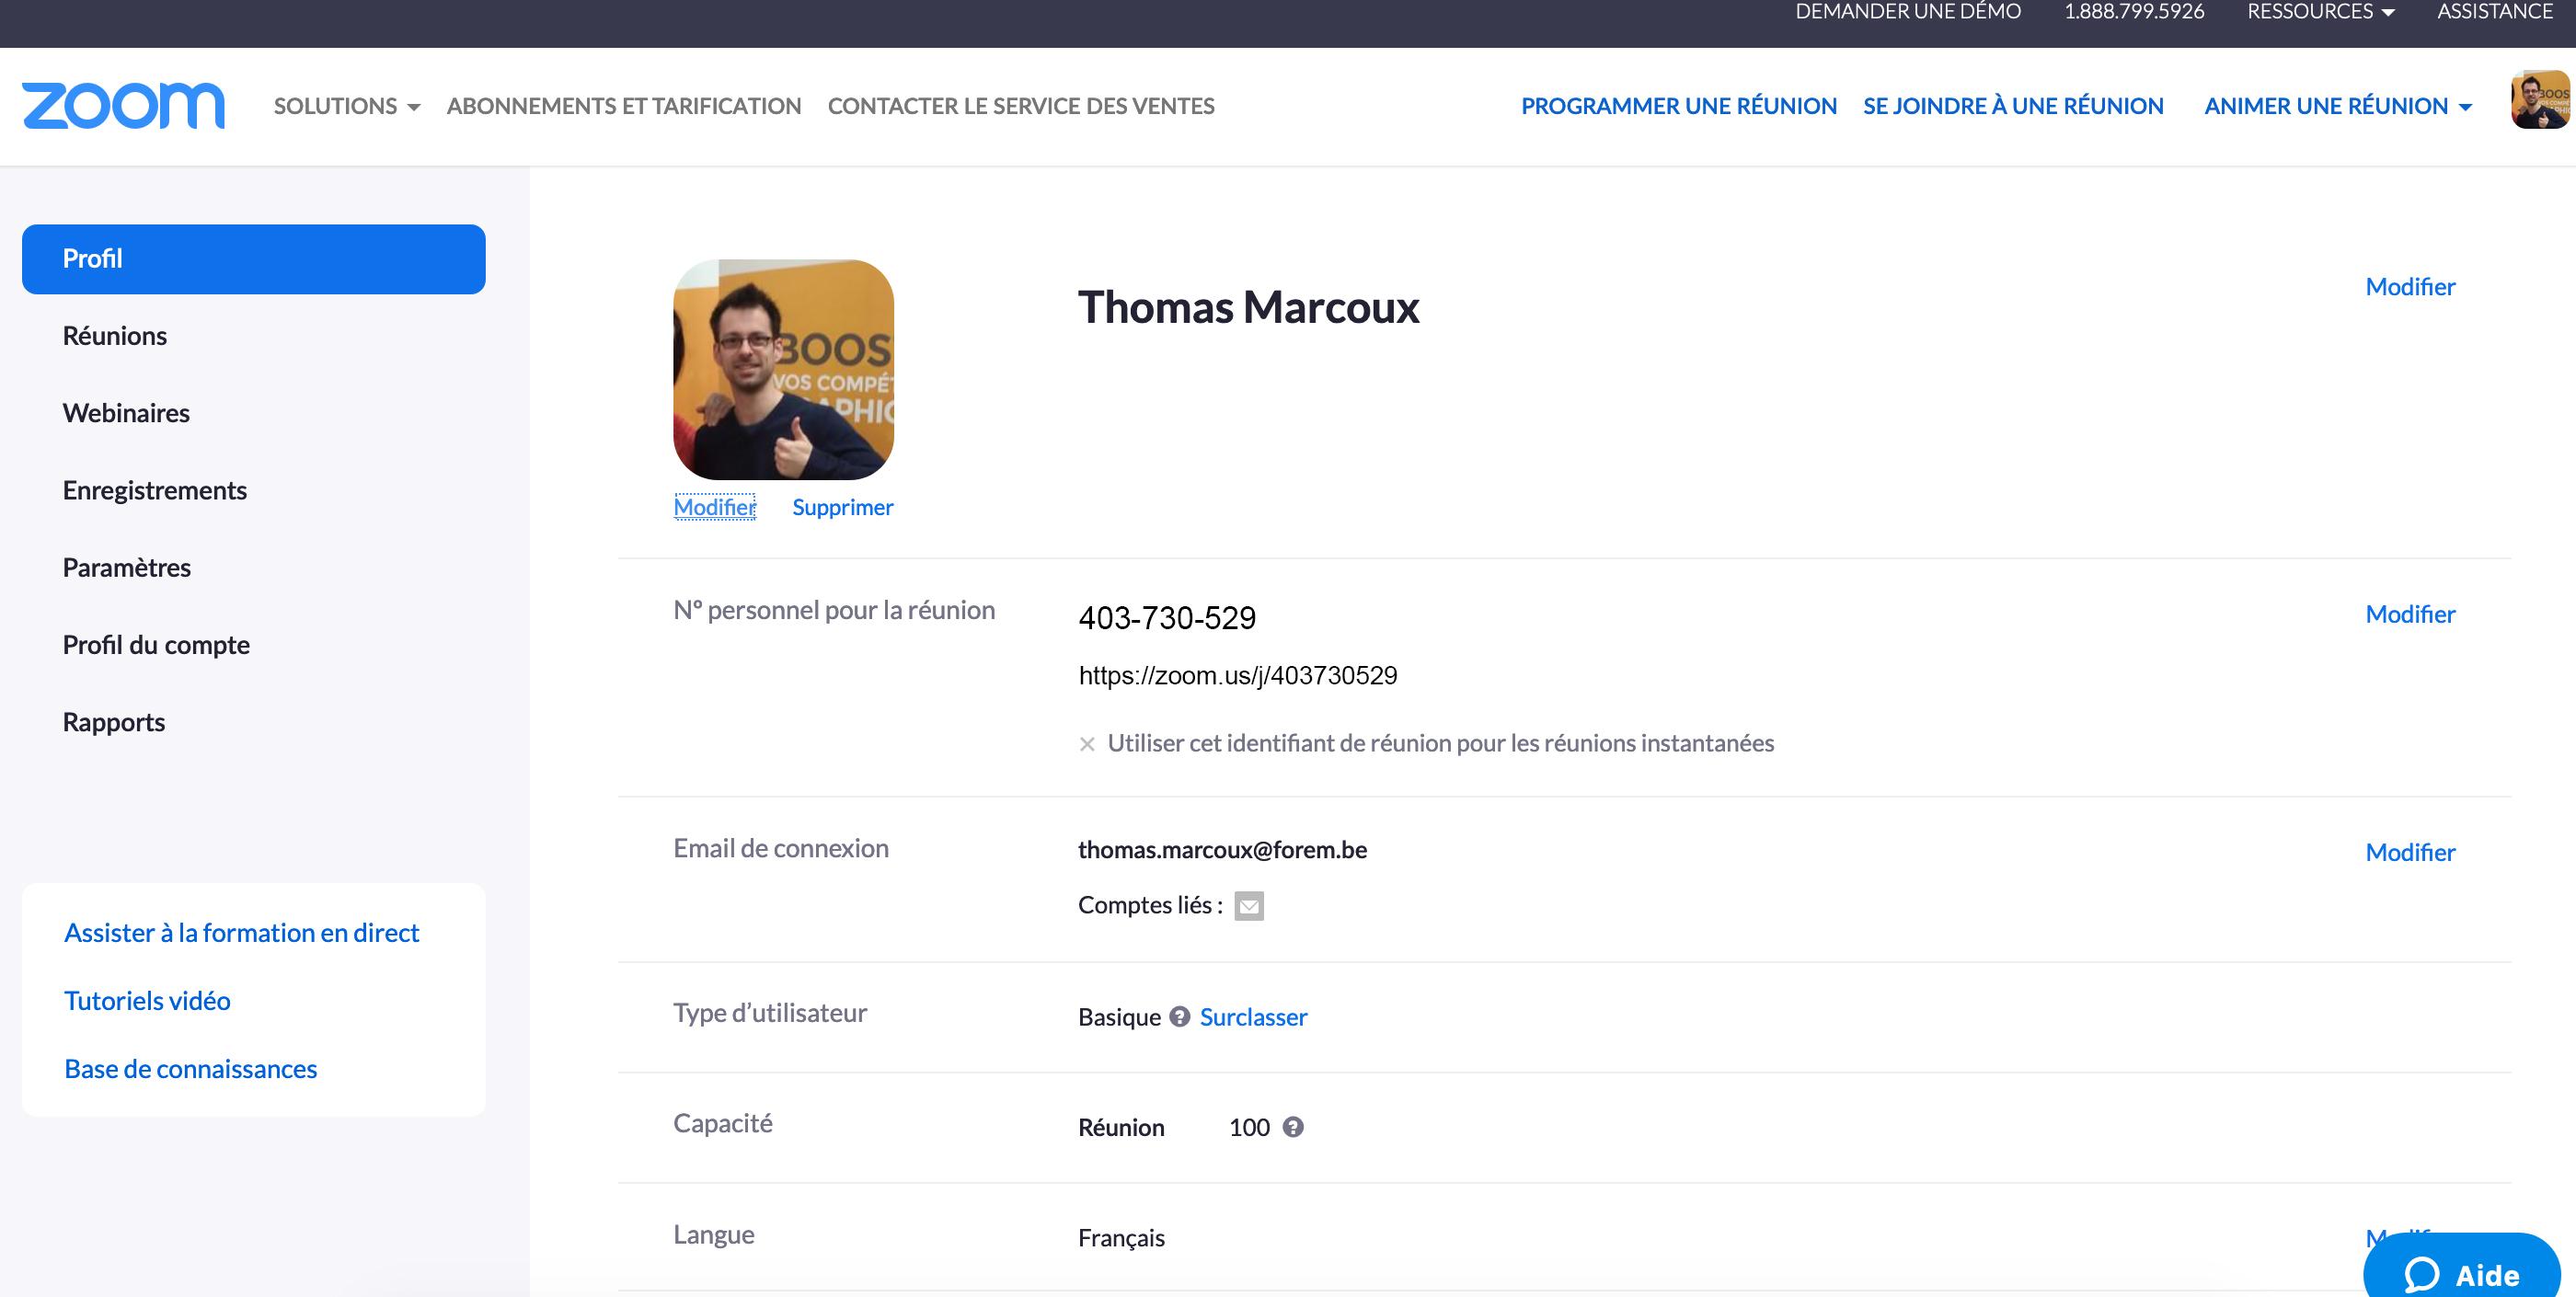 Première présentation des travaux des stagiaires en chargé de com' via Zoom avec Thomas